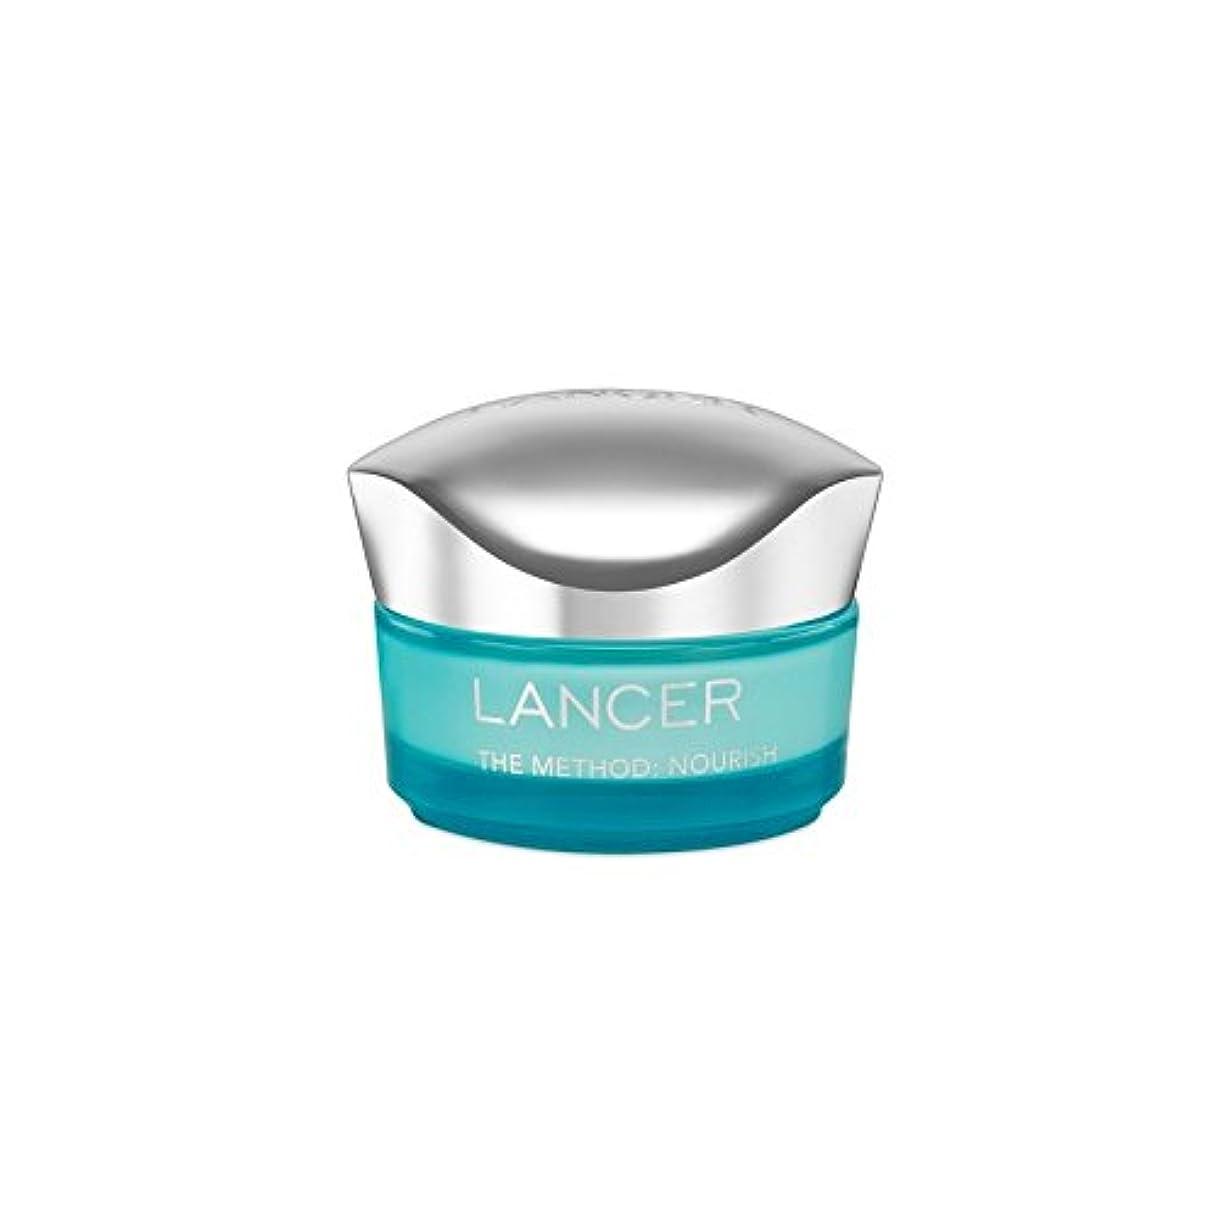 満了段階ナビゲーションランサーは、この方法をスキンケア:モイスチャライザー(50)に栄養を与えます x4 - Lancer Skincare The Method: Nourish Moisturiser (50ml) (Pack of 4) [並行輸入品]